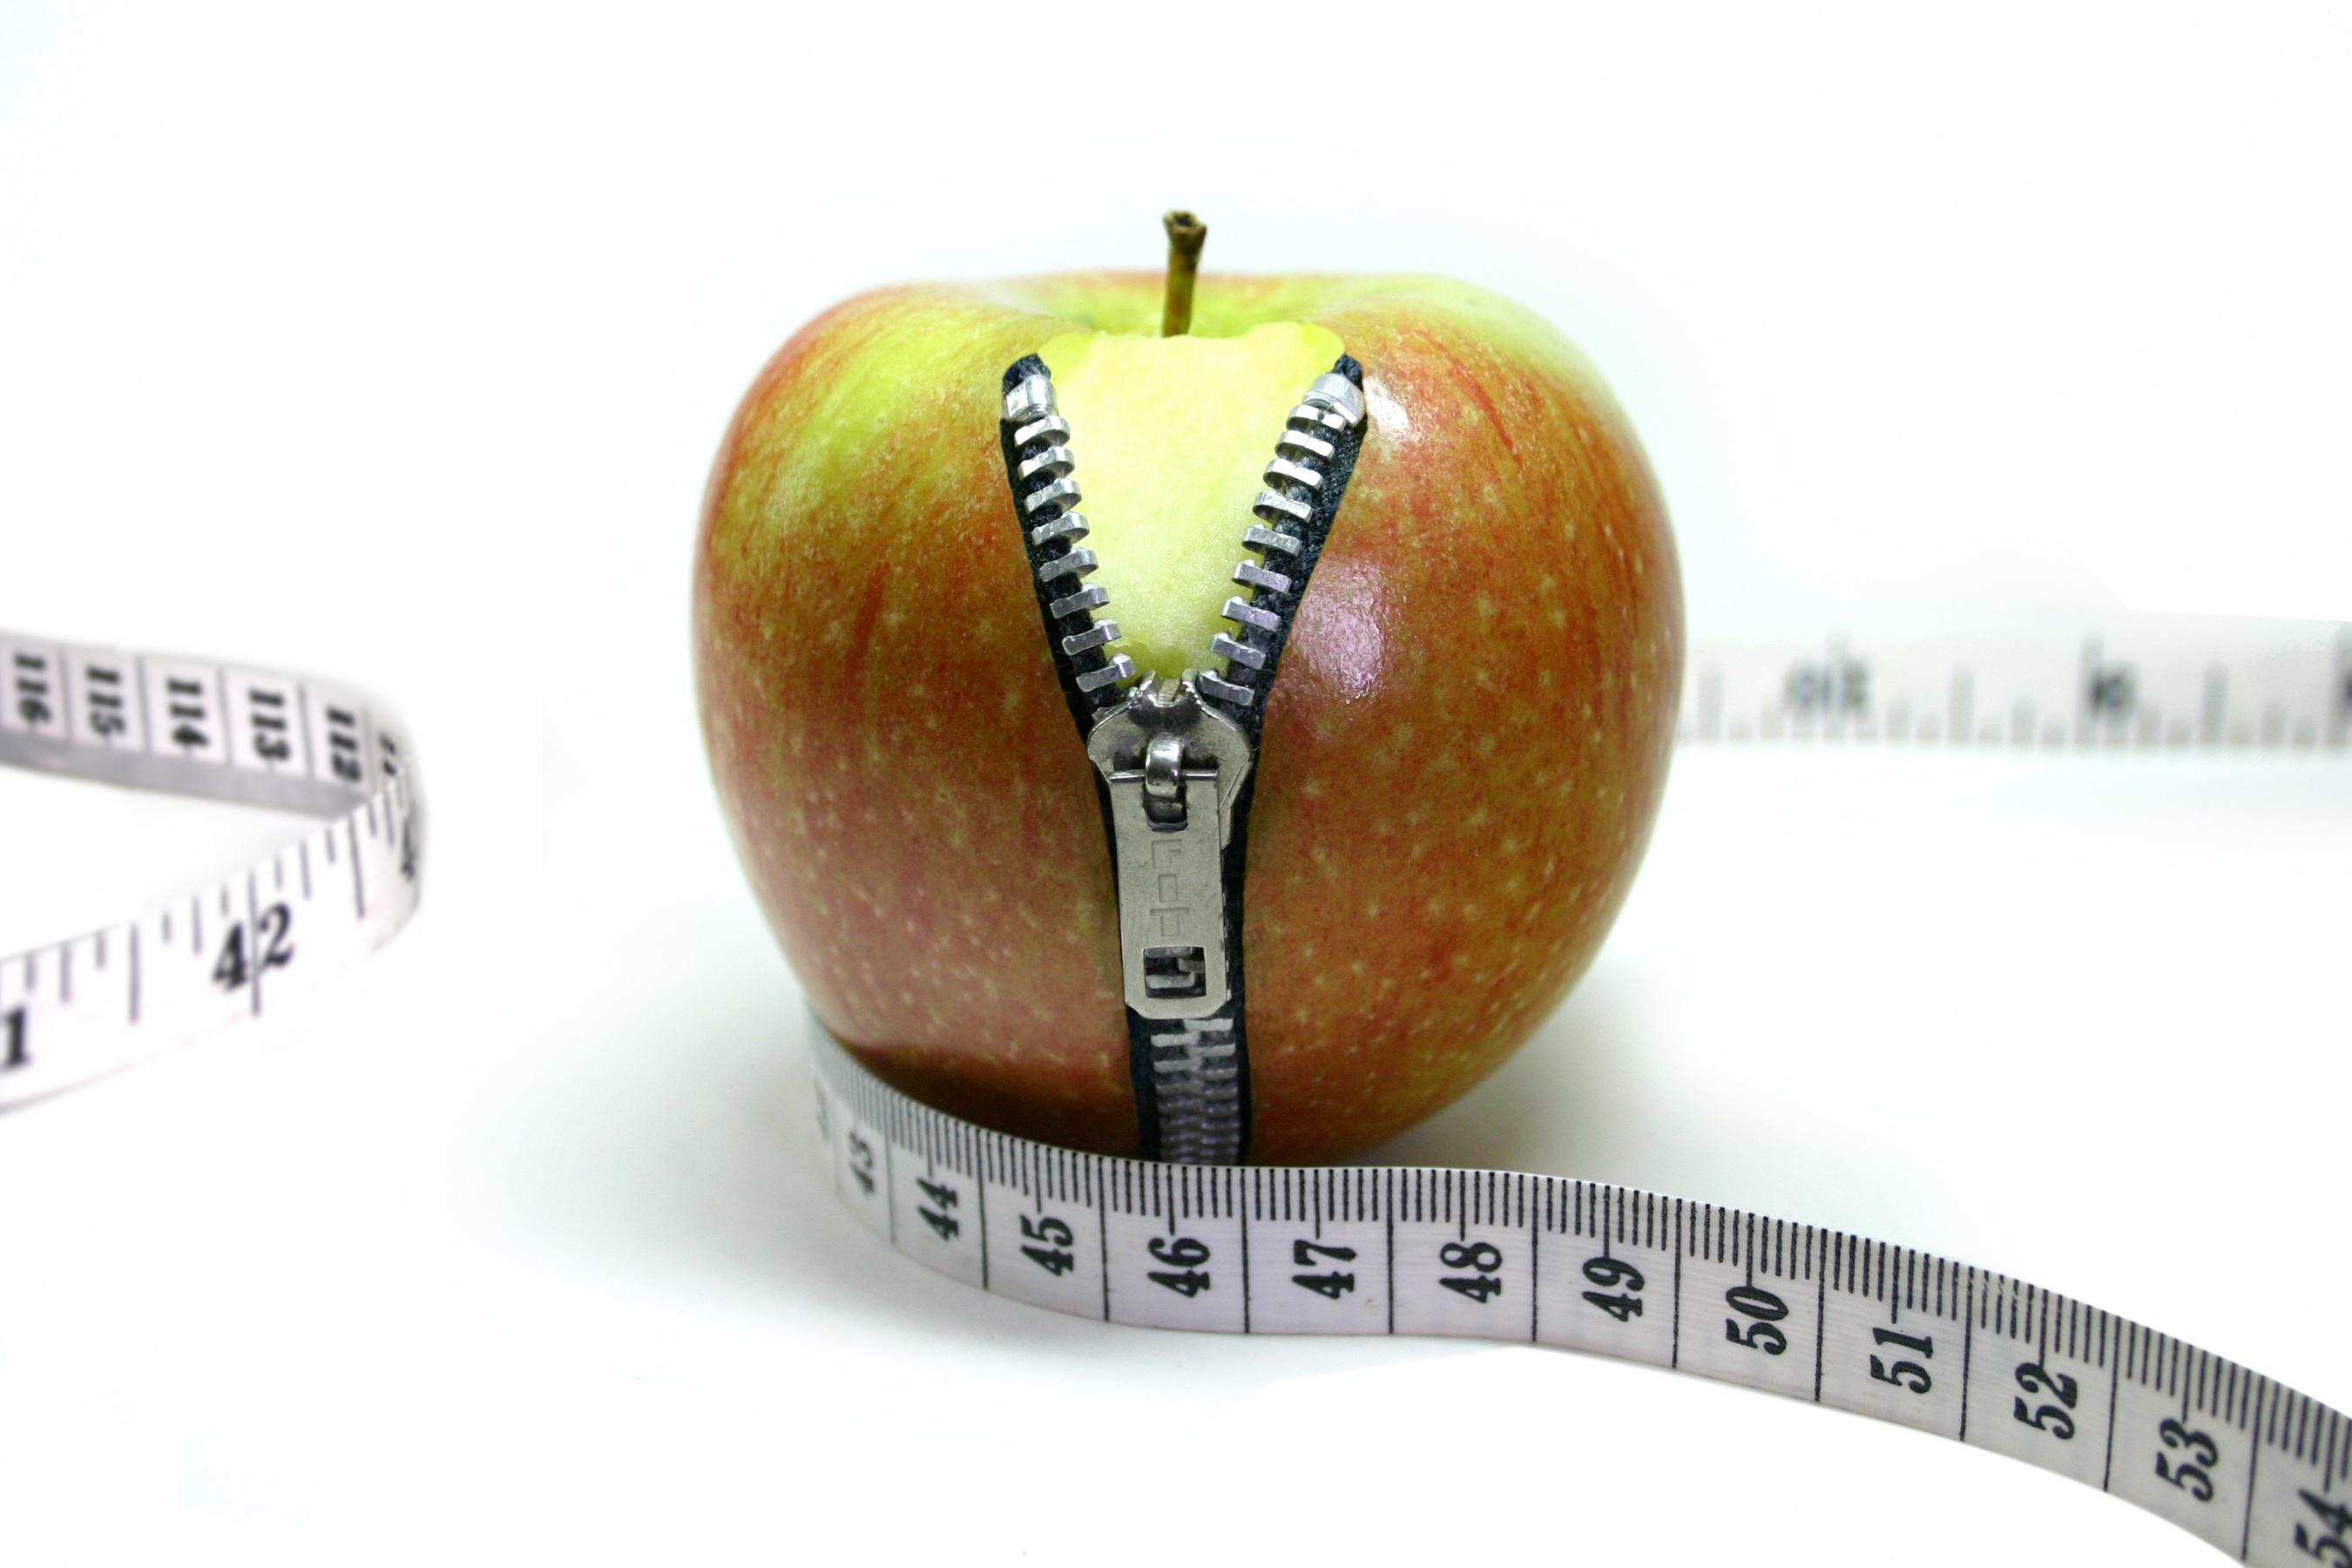 jai de lendométriose et je ne peux pas perdre de poids